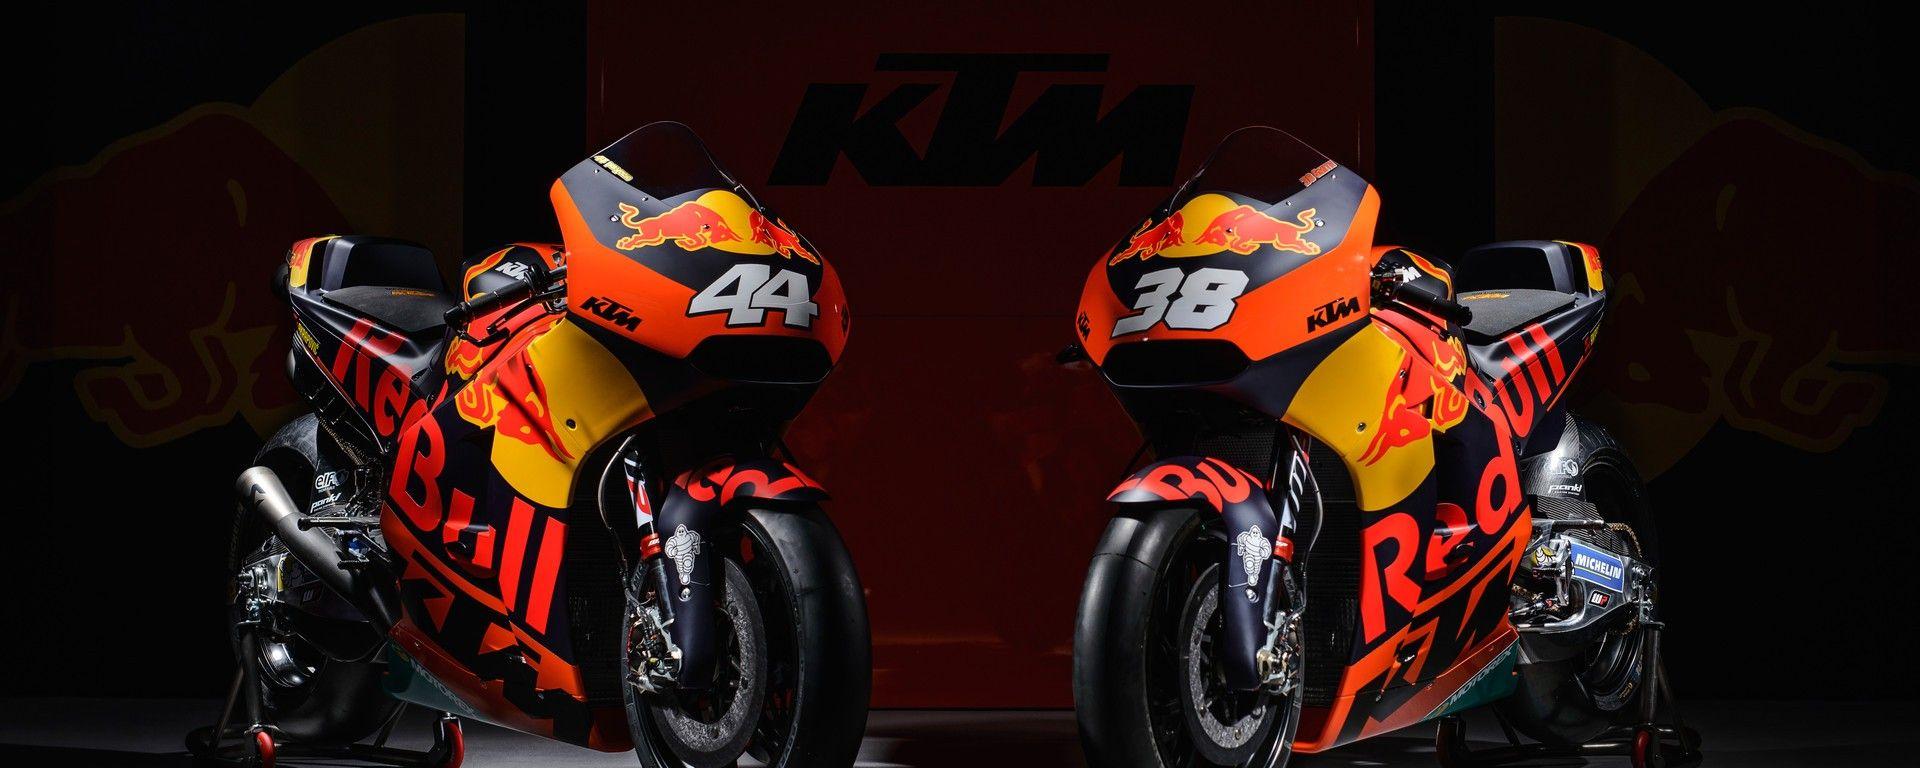 MOTOGP 2017: KTM presenta la line-up 2017 e svela la nuova RC16 di Pol Espargarò e Bradley Smith